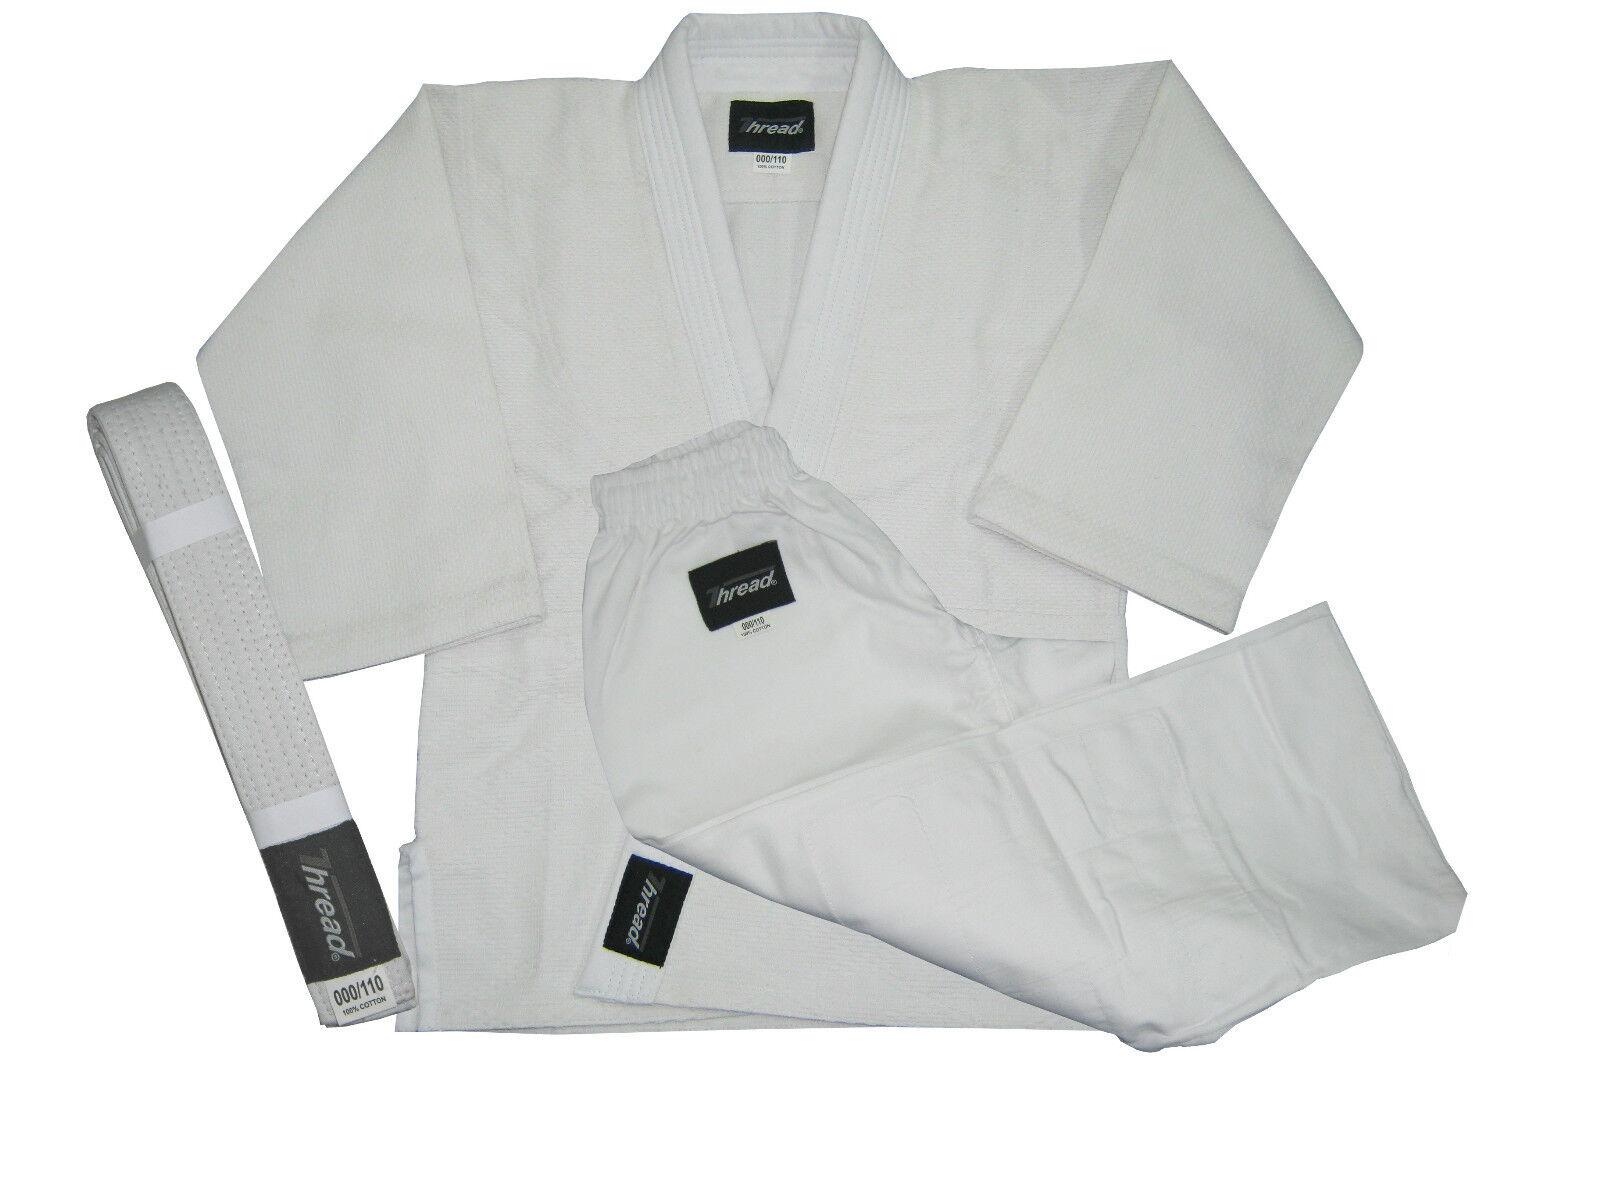 Brazilian Jiu-Jitsu, Judo,Aikido,Kimono Uniform Gi White Natural color  Thread(R)  brand